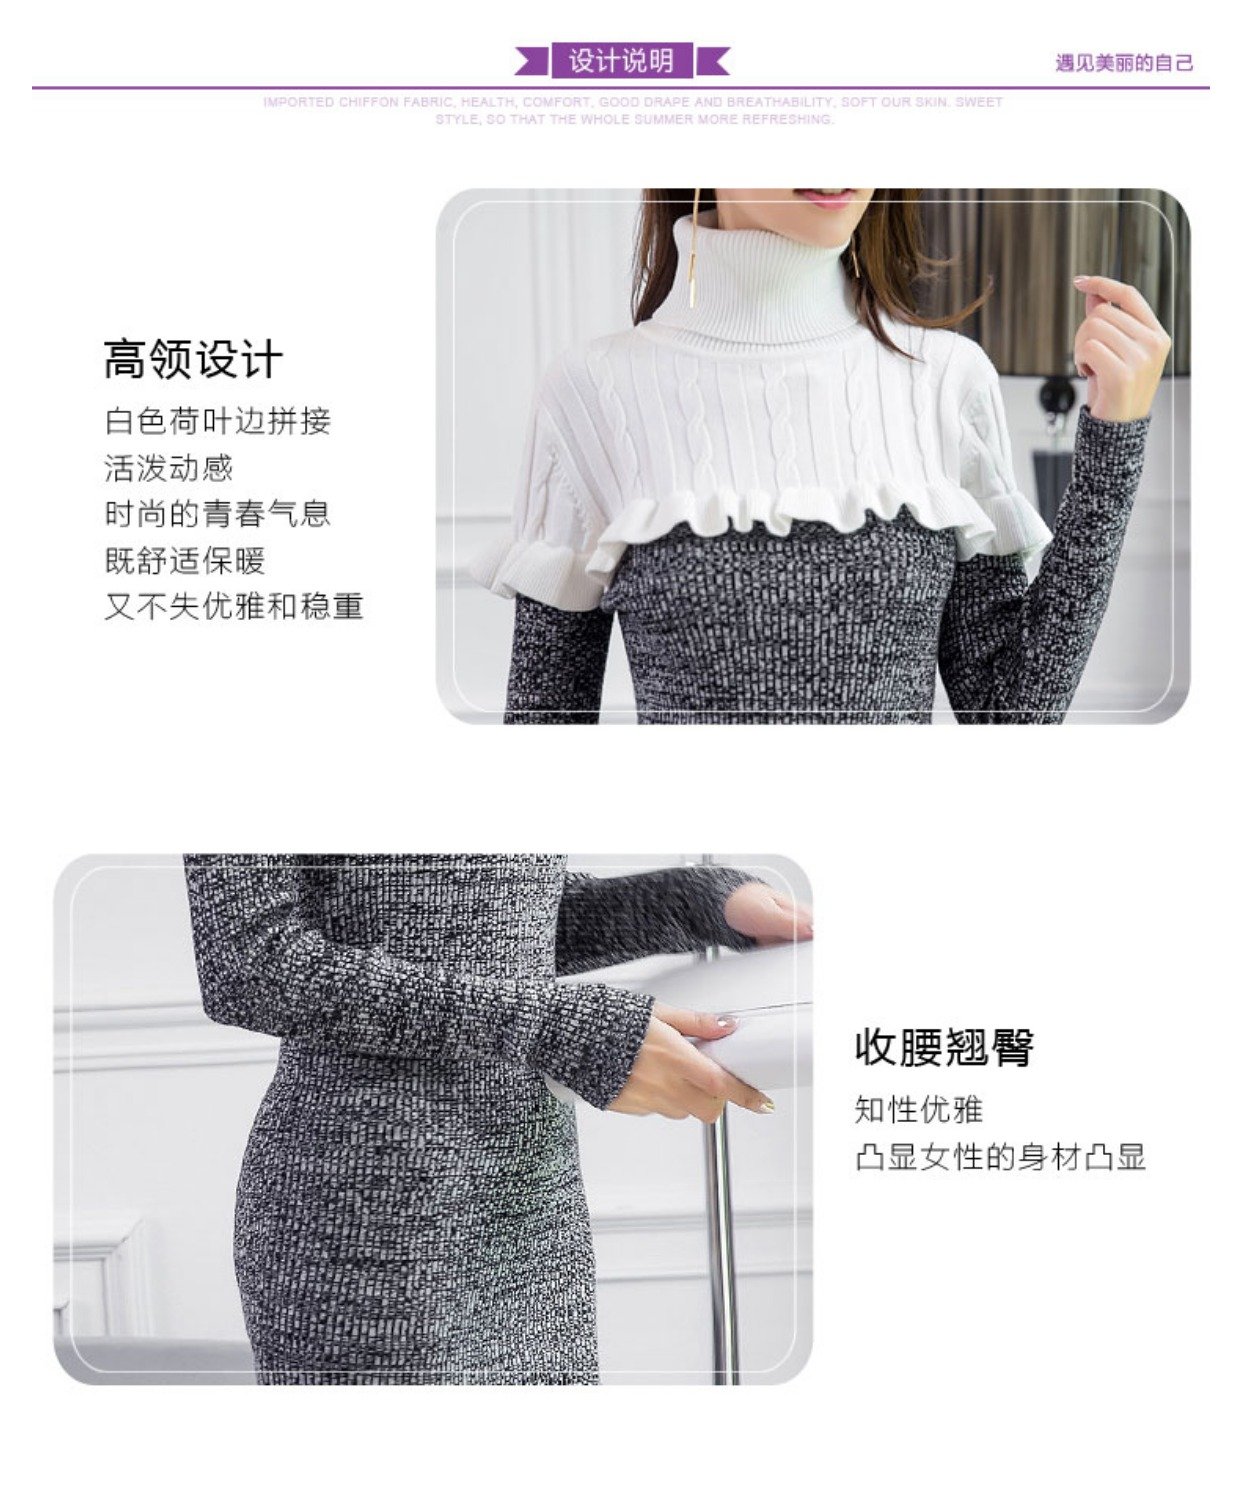 高仿圣罗兰ysl2018新款修身打底针织连衣裙高领QHU432 第5张